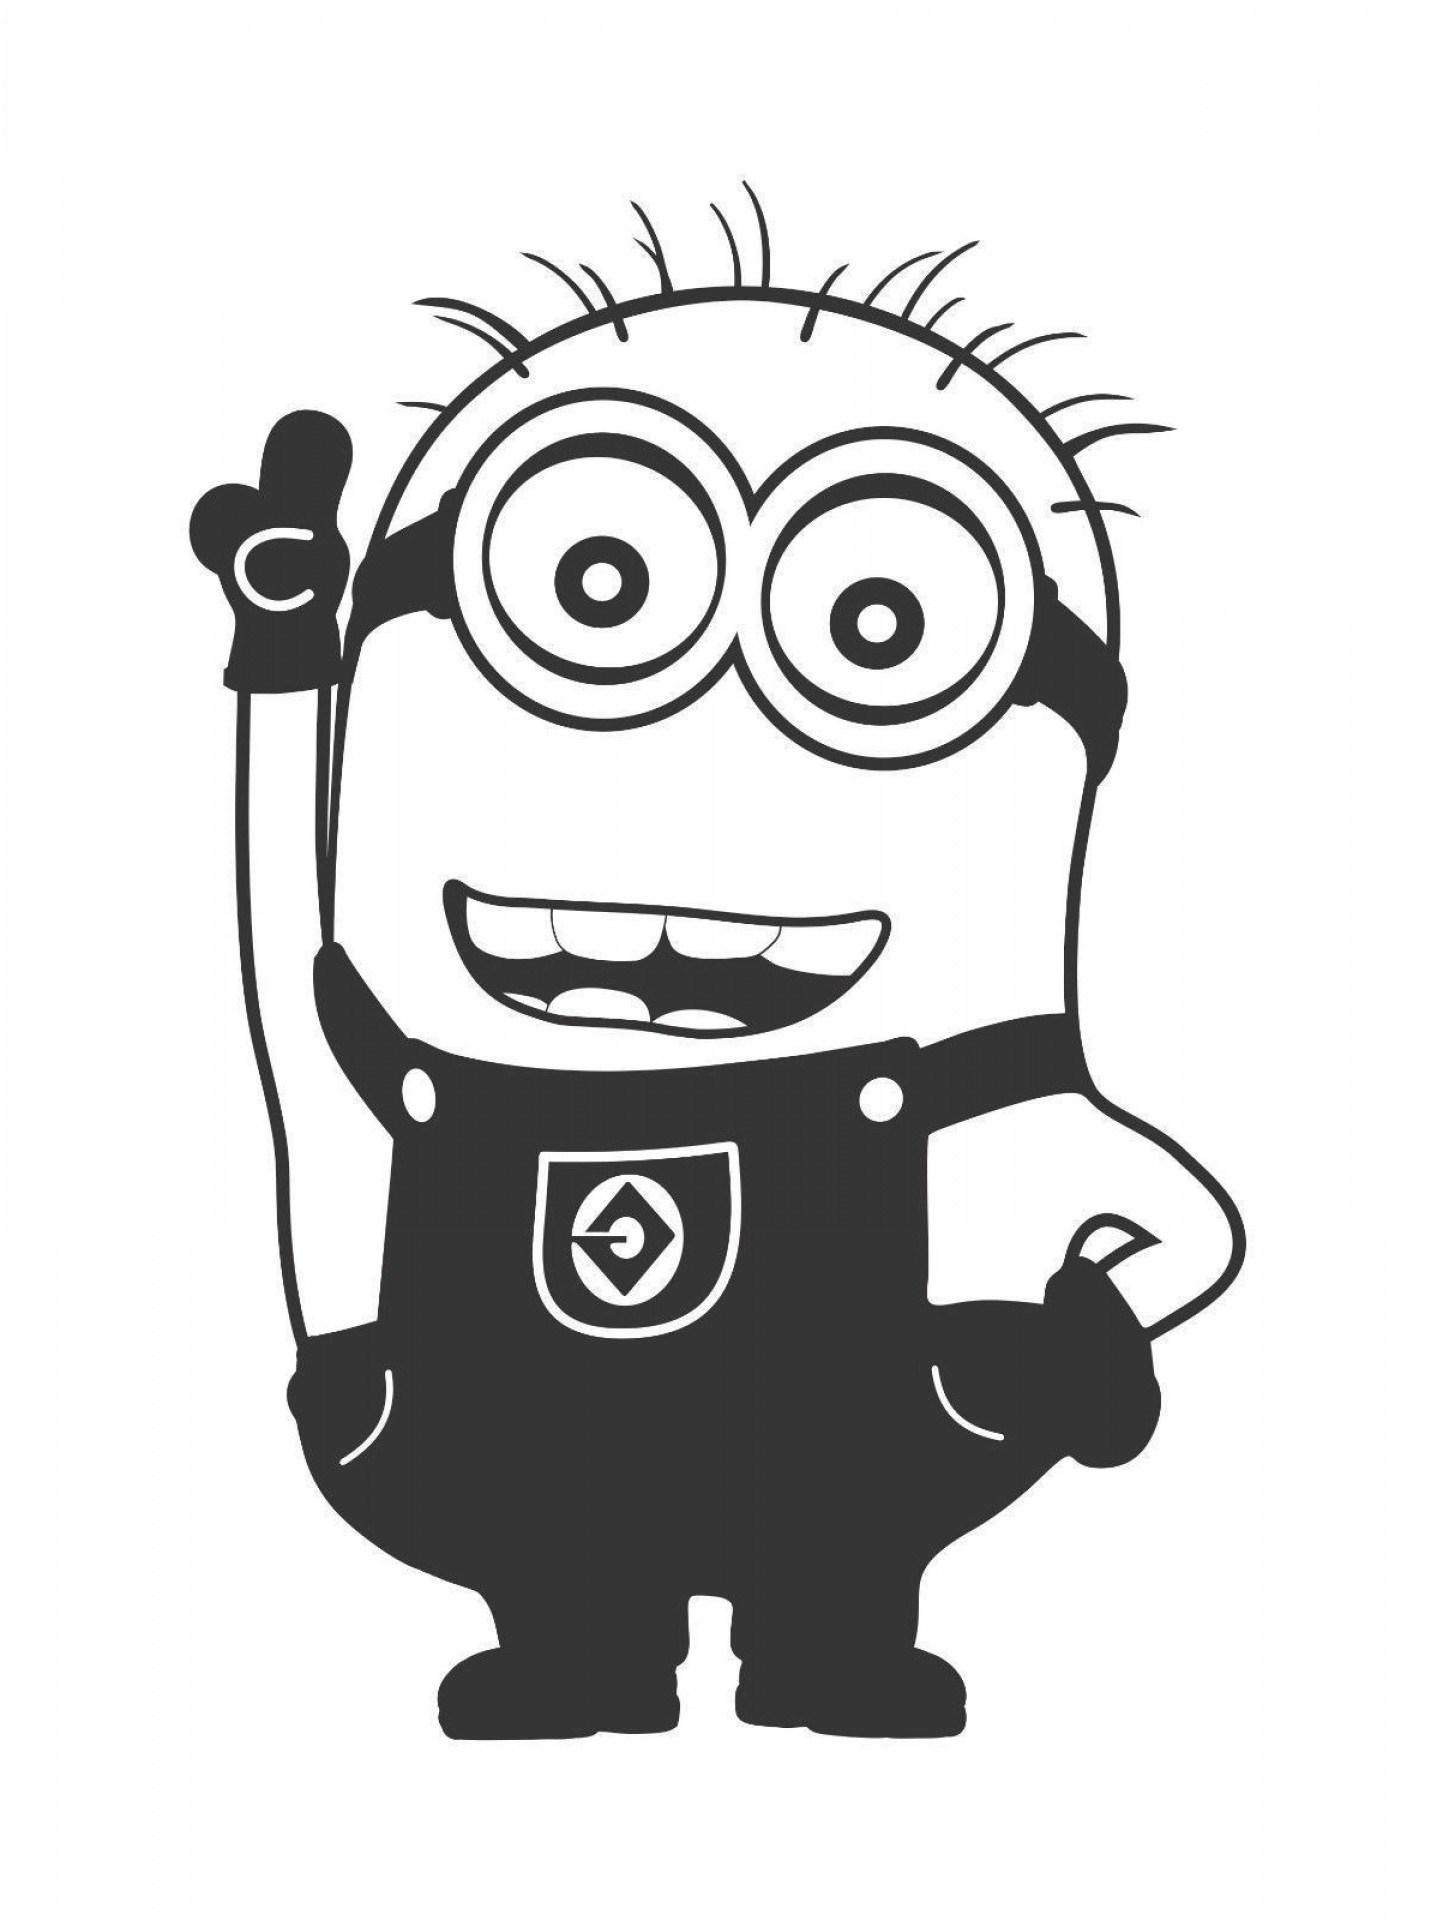 Minion black and white clipart 3 » Clipart Portal.